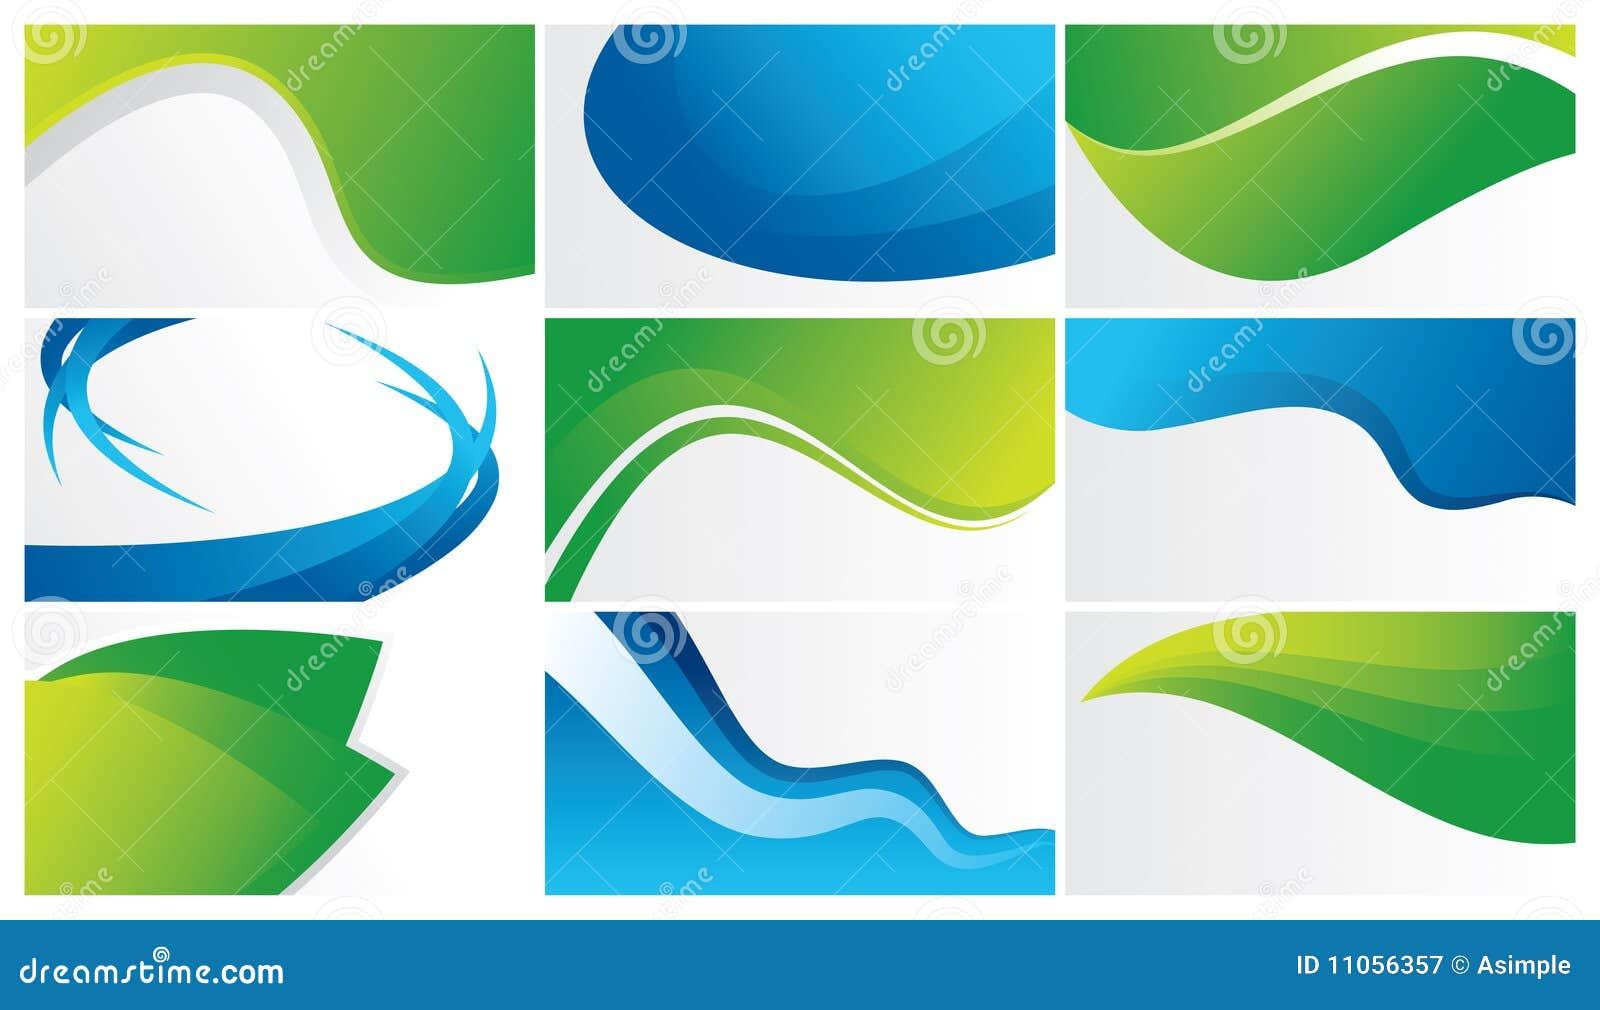 Fondos Abstractos Verdes Y Azules Fotografía De Archivo